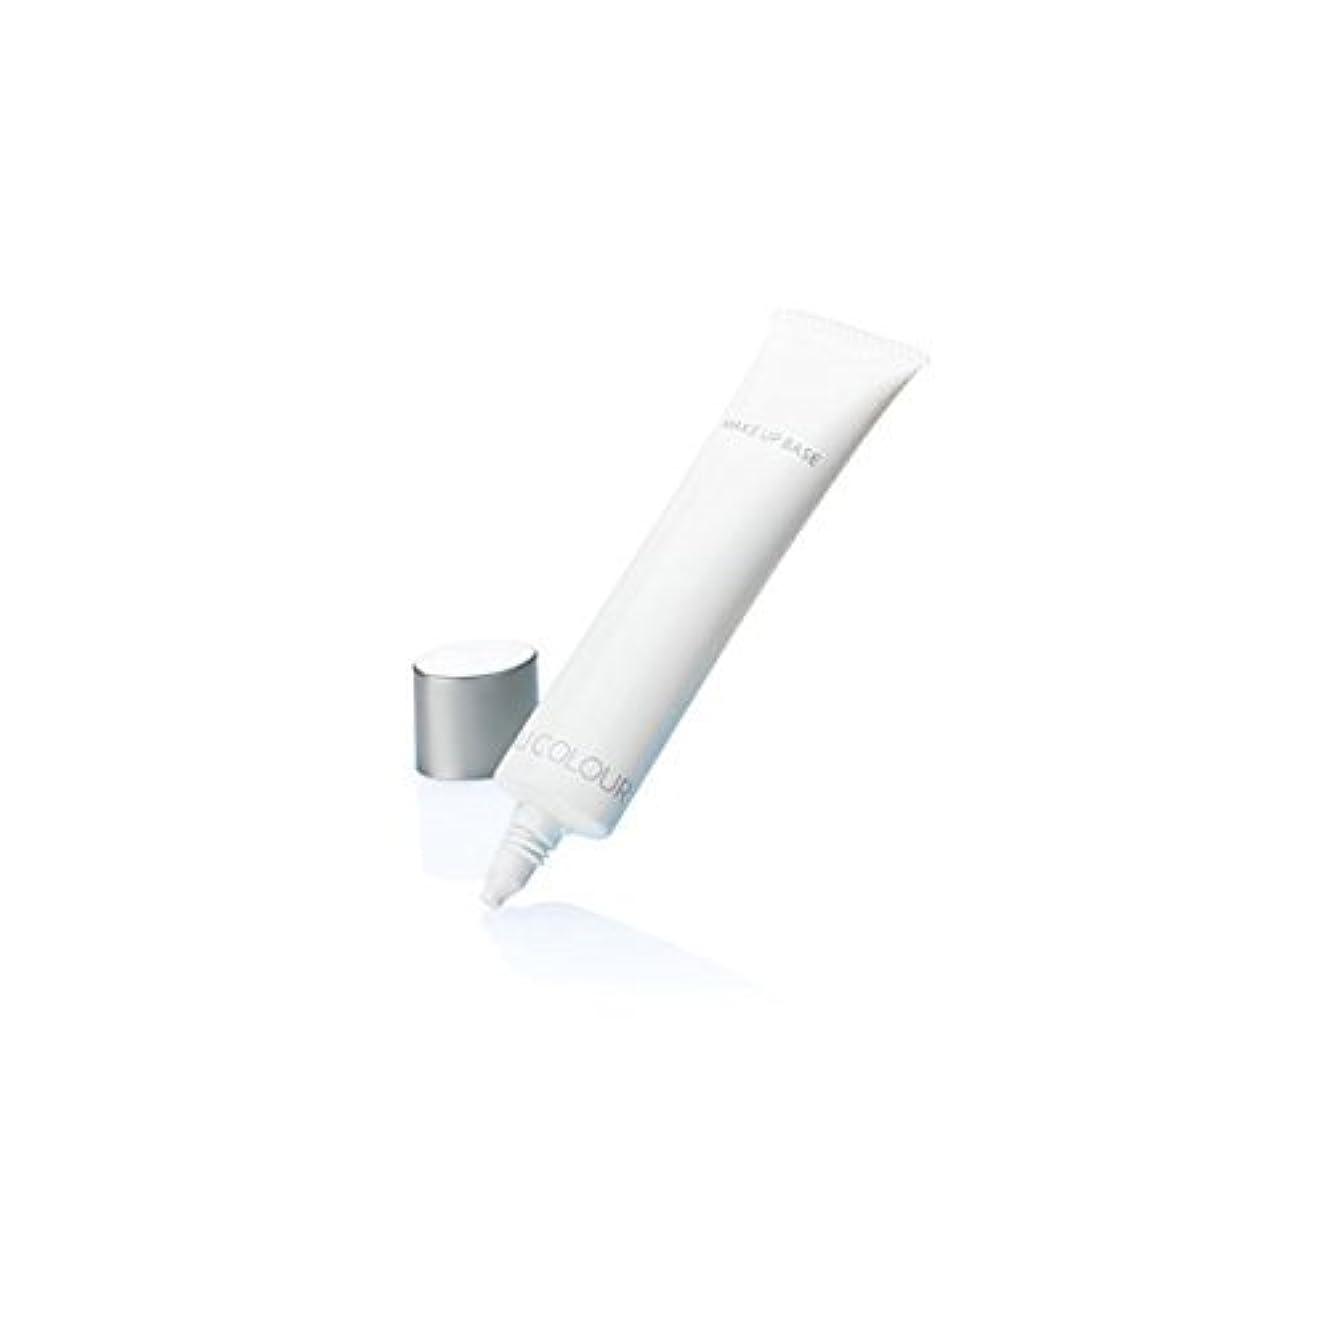 富袋イライラするニュースキン NU SKIN UV メイクアップ ベース SPF18?PA++ クリア 03160813